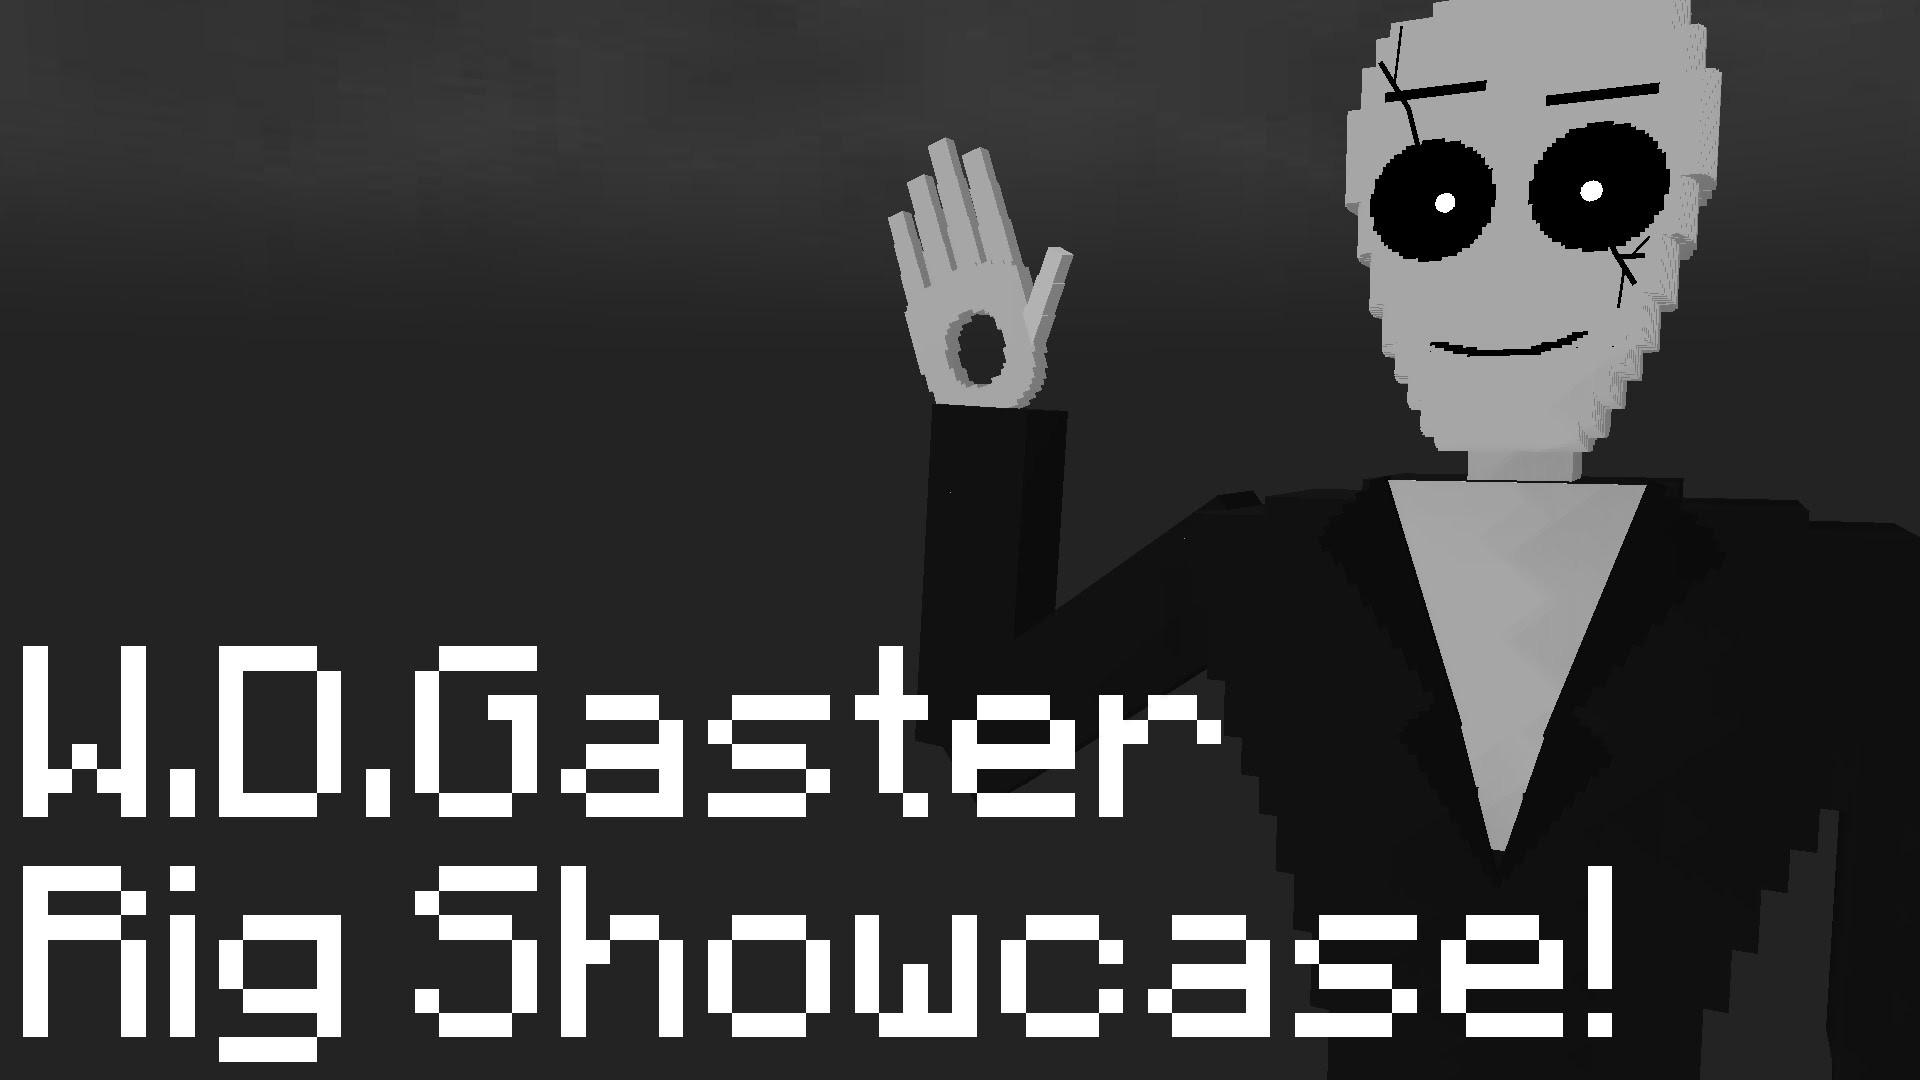 W.D.Gaster Rig Showcase